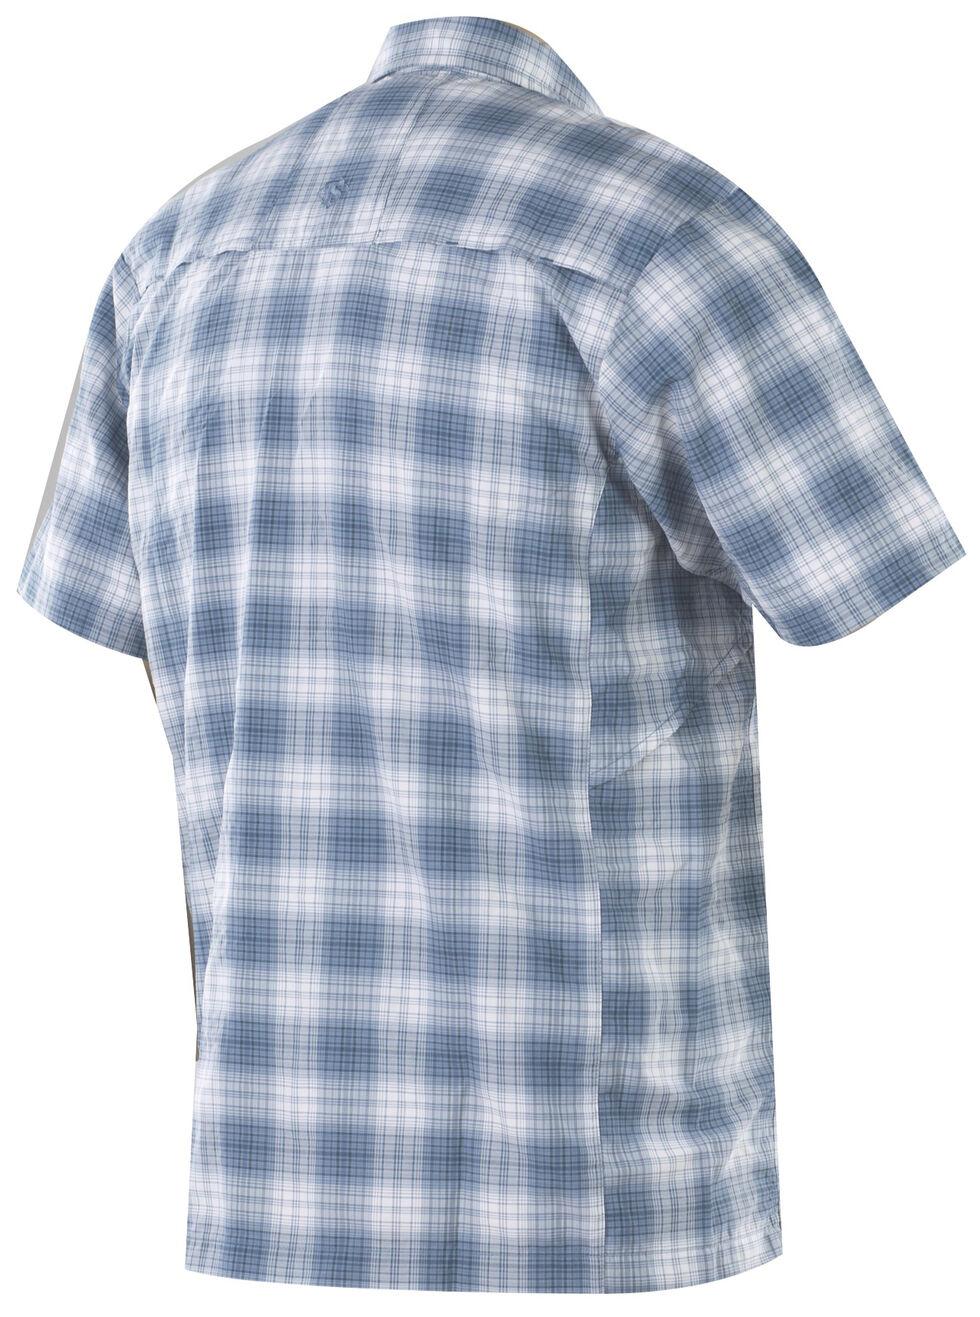 Tru-Spec Men's Blue Plaid 24-7 Cool Camp Shirt , Blue, hi-res